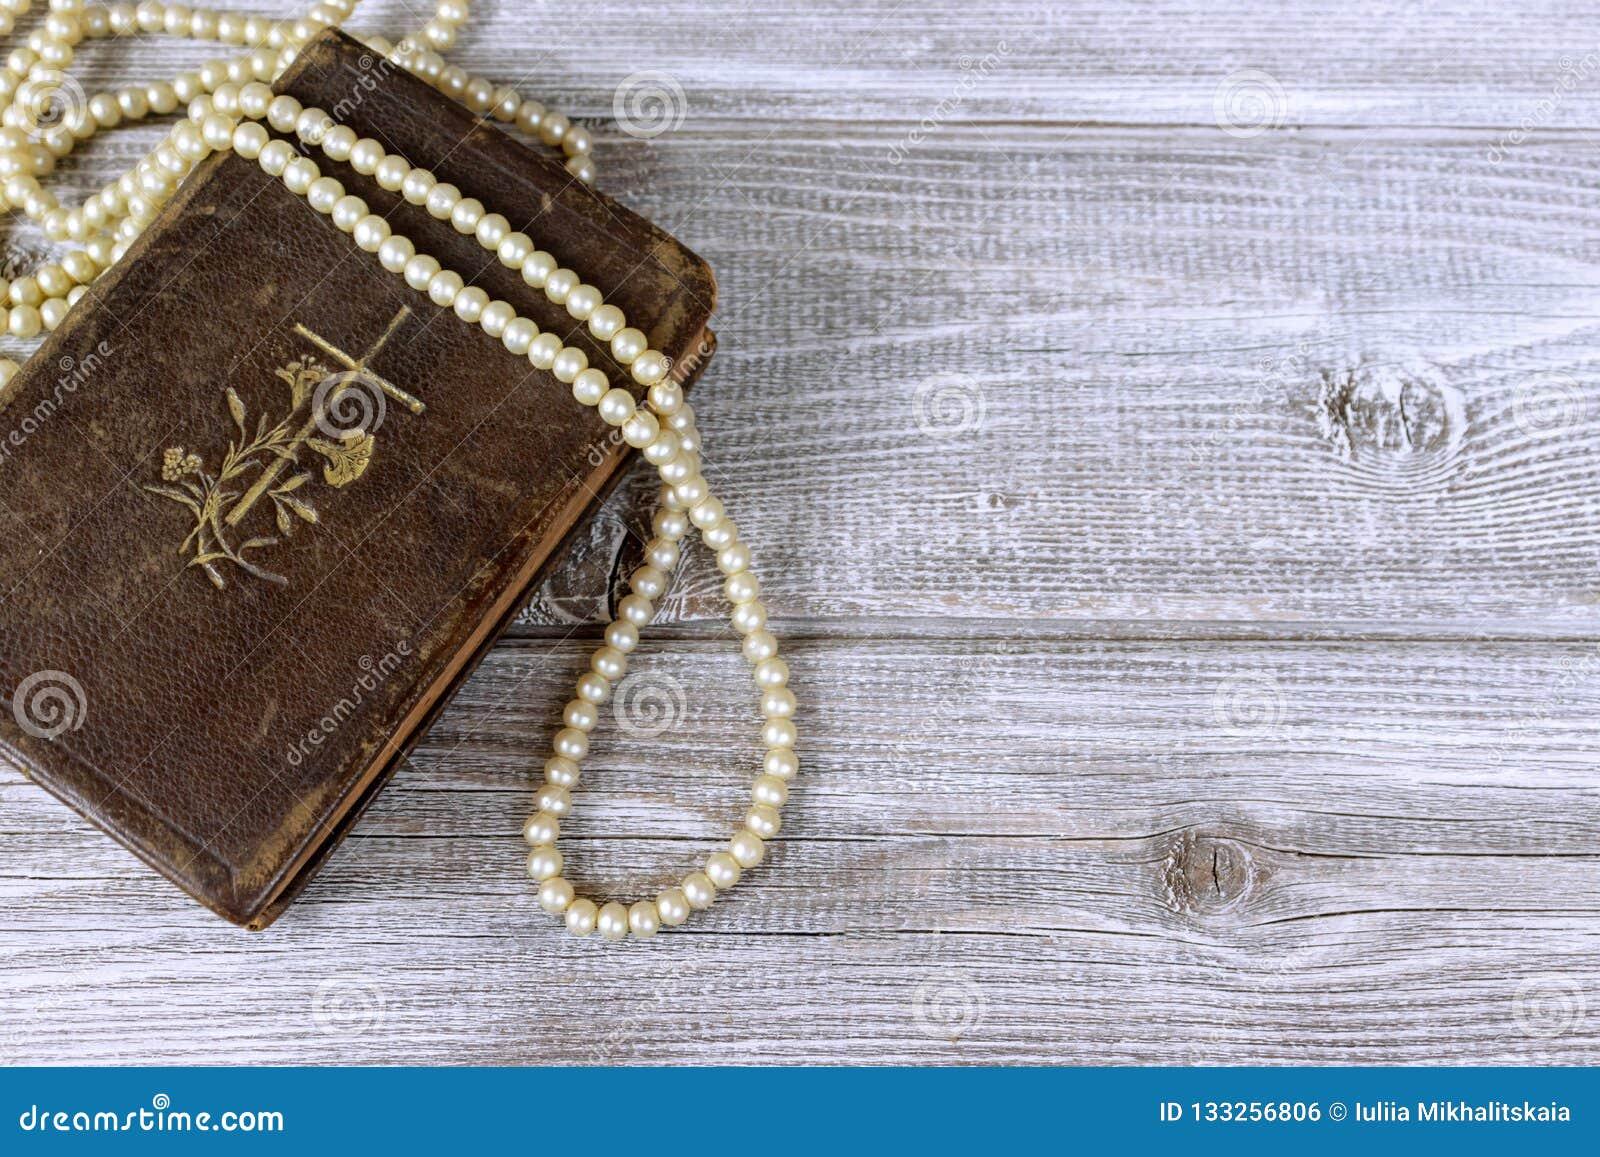 Alte heilige Bibel und Rosenkranzperlen auf rustikalem Holztisch